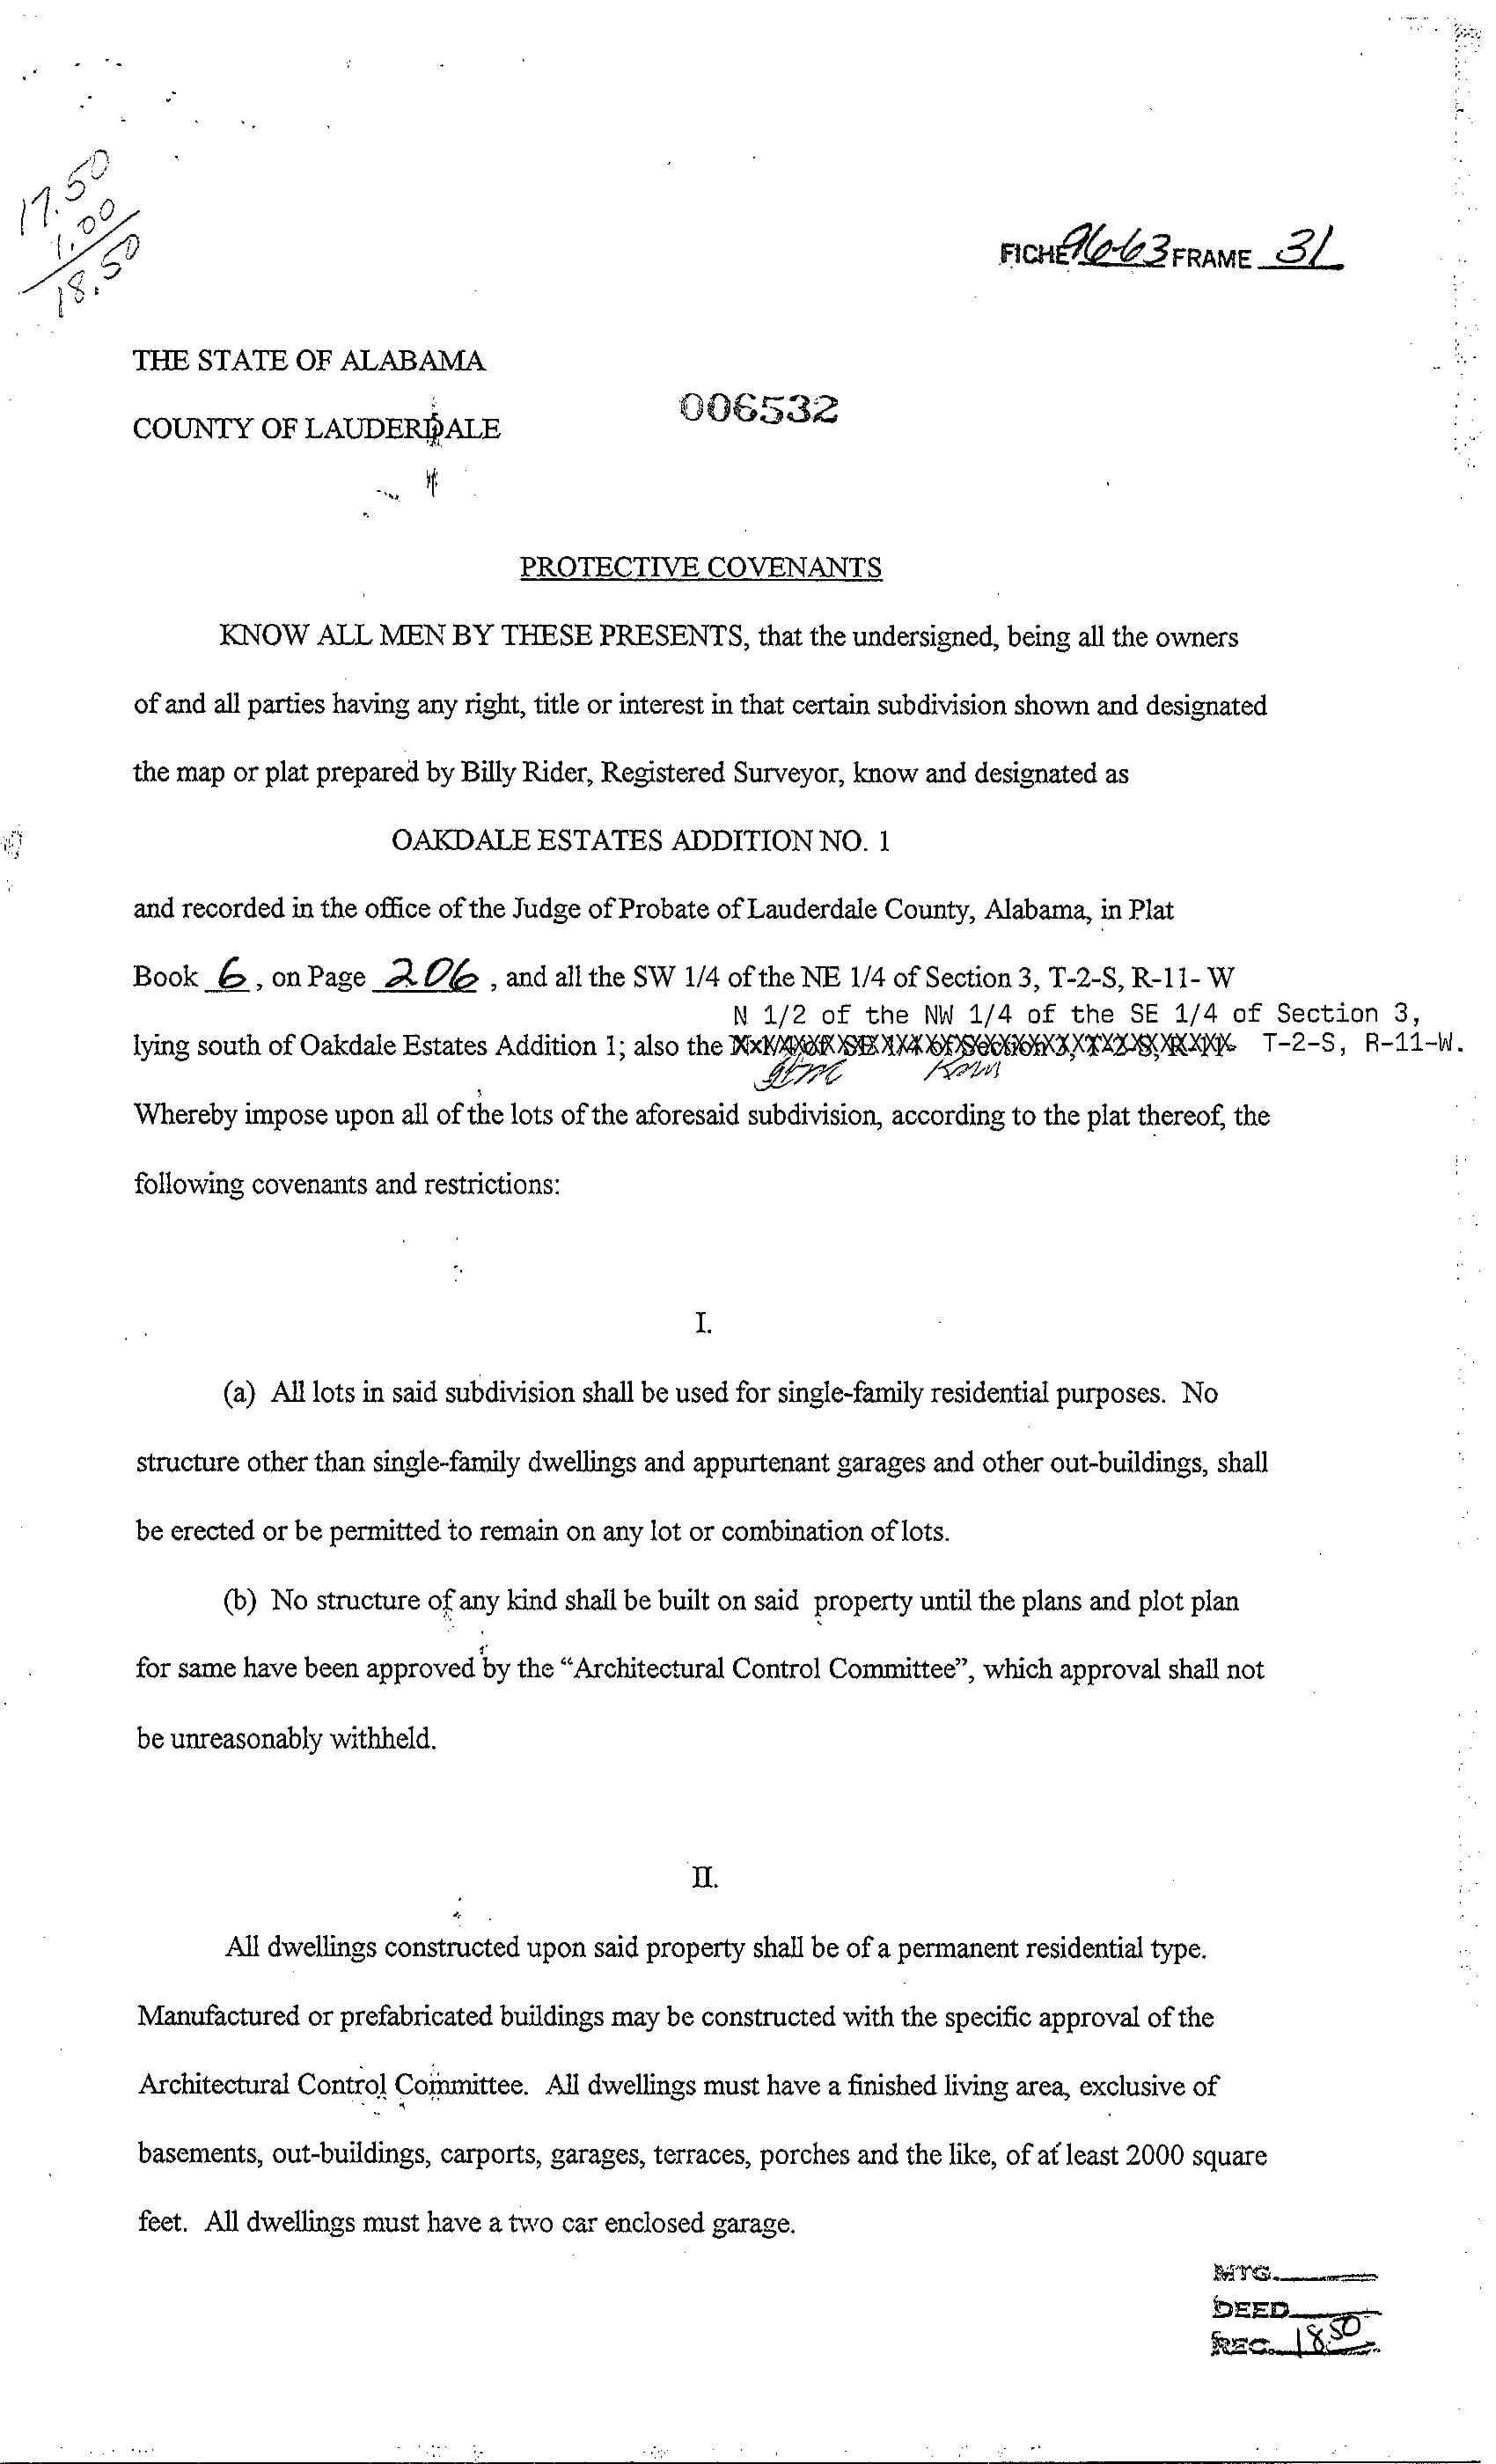 Covenants-Oakdale-Estates-Addition-No-1-1.jpg